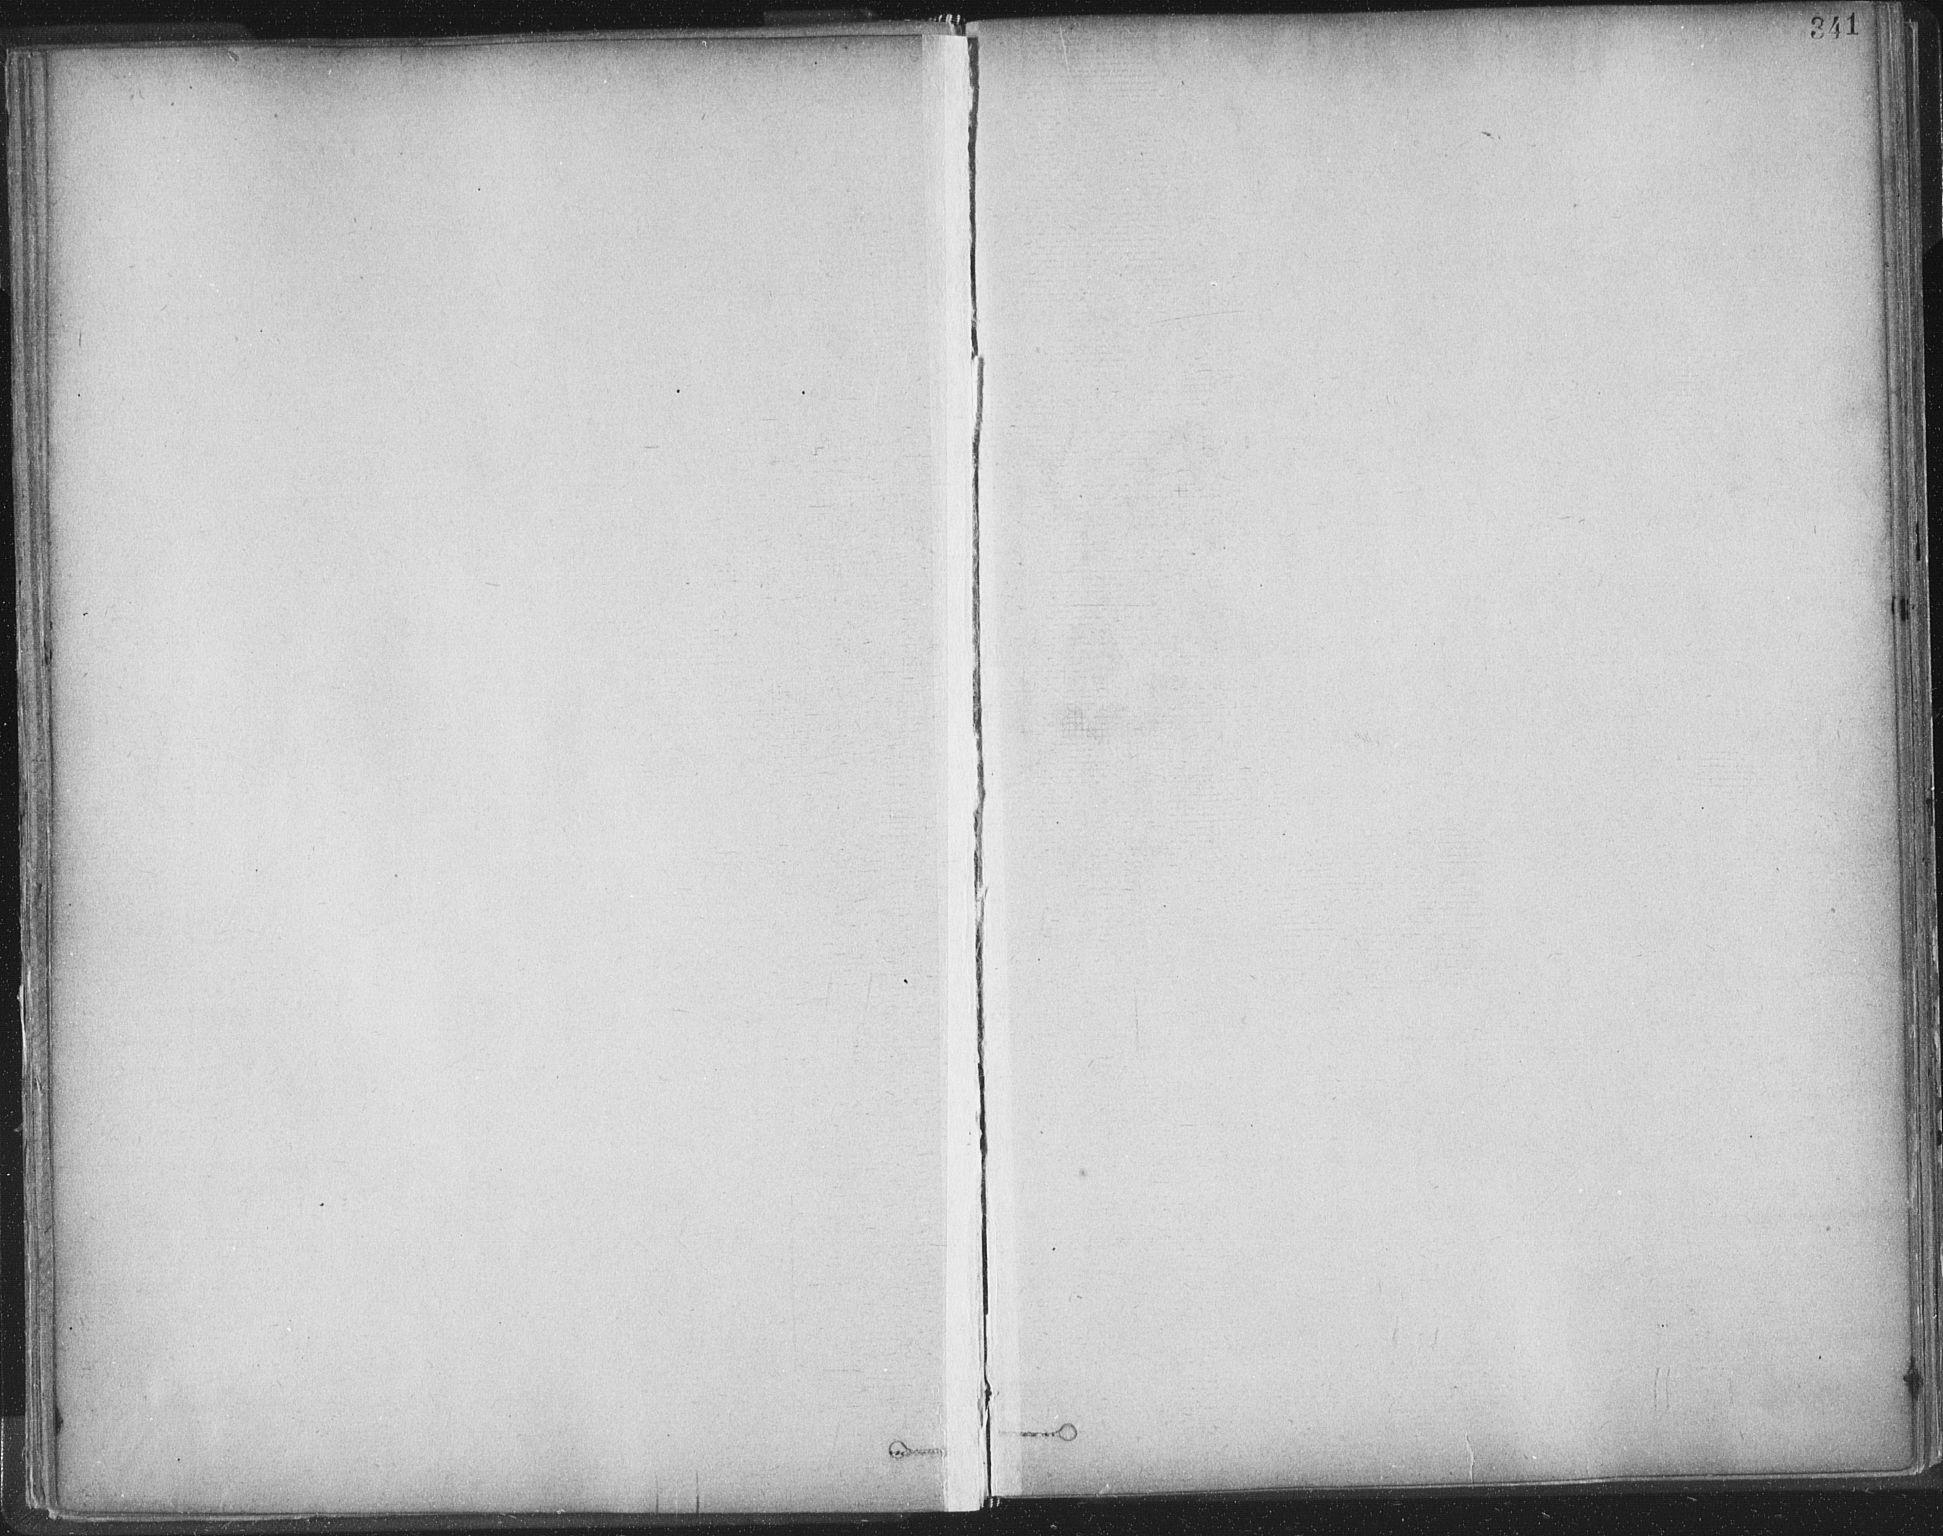 SAT, Ministerialprotokoller, klokkerbøker og fødselsregistre - Sør-Trøndelag, 603/L0163: Ministerialbok nr. 603A02, 1879-1895, s. 341